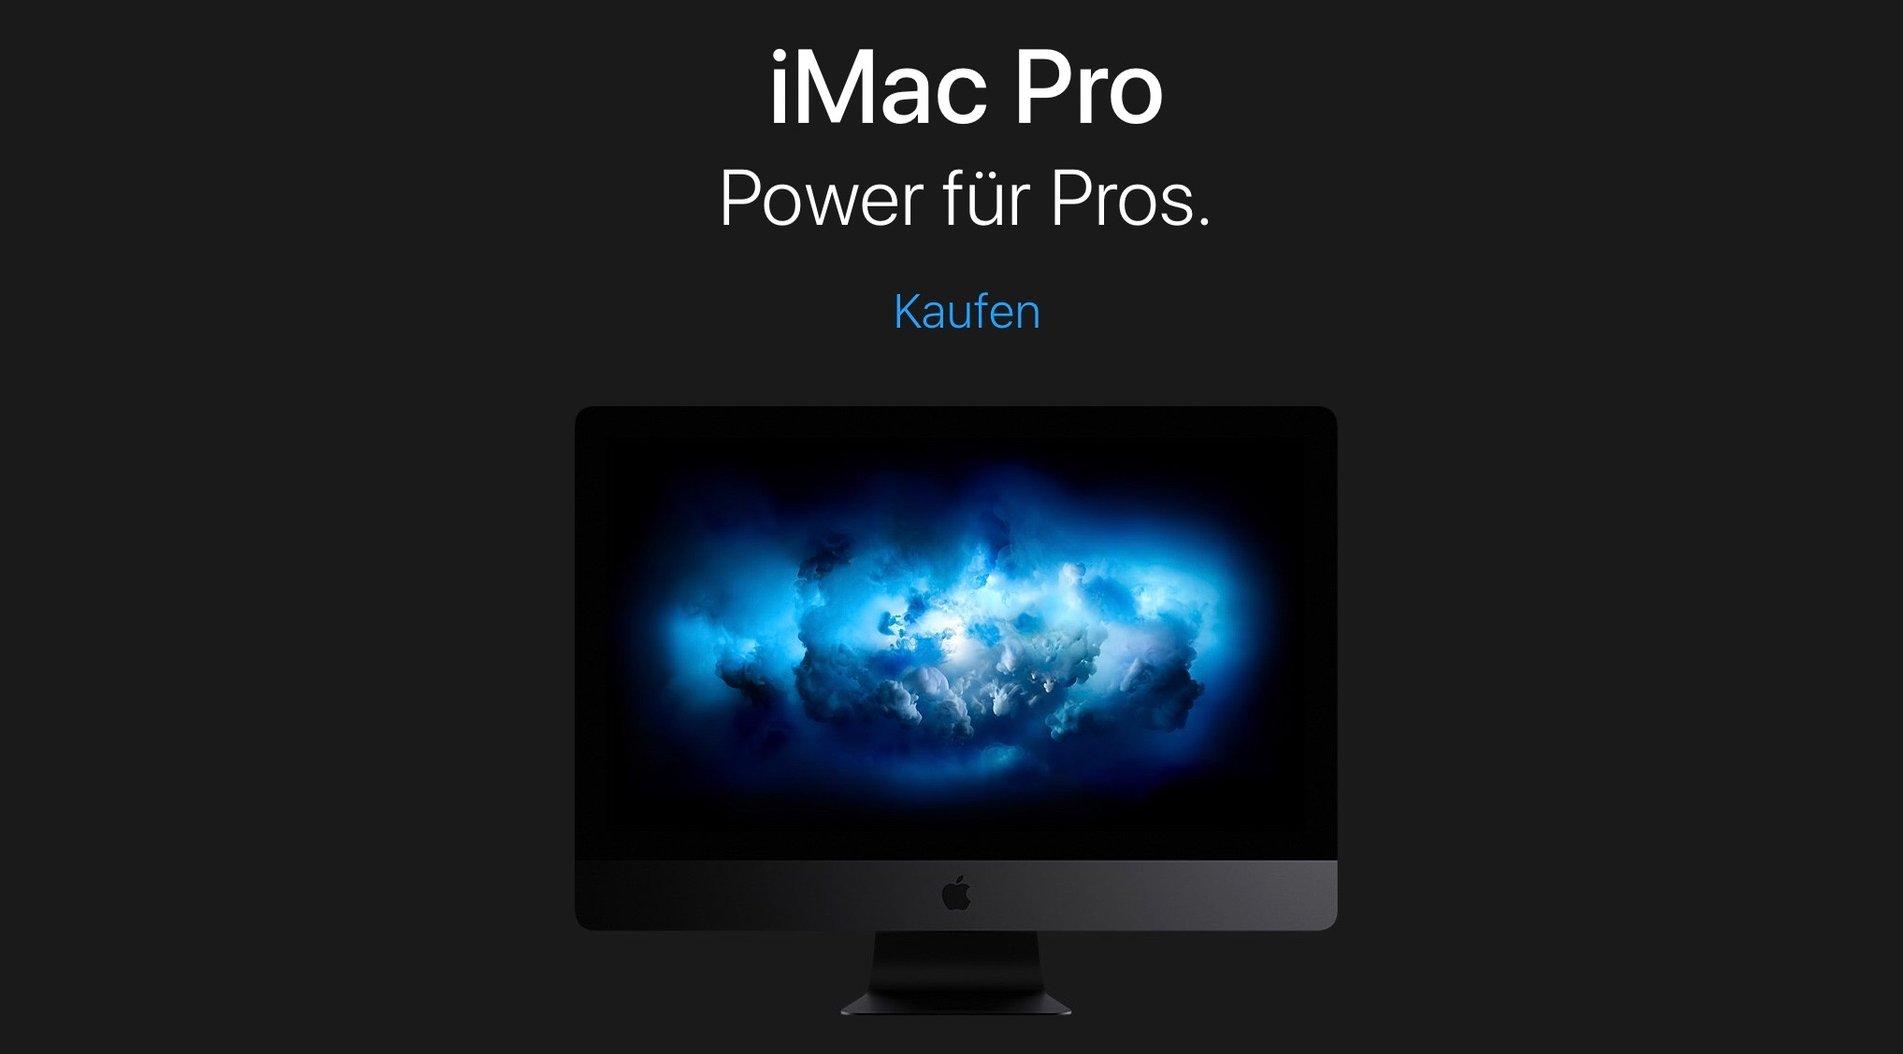 Apple iMac Pro: Käufer werden nach Feedback gefragt 1